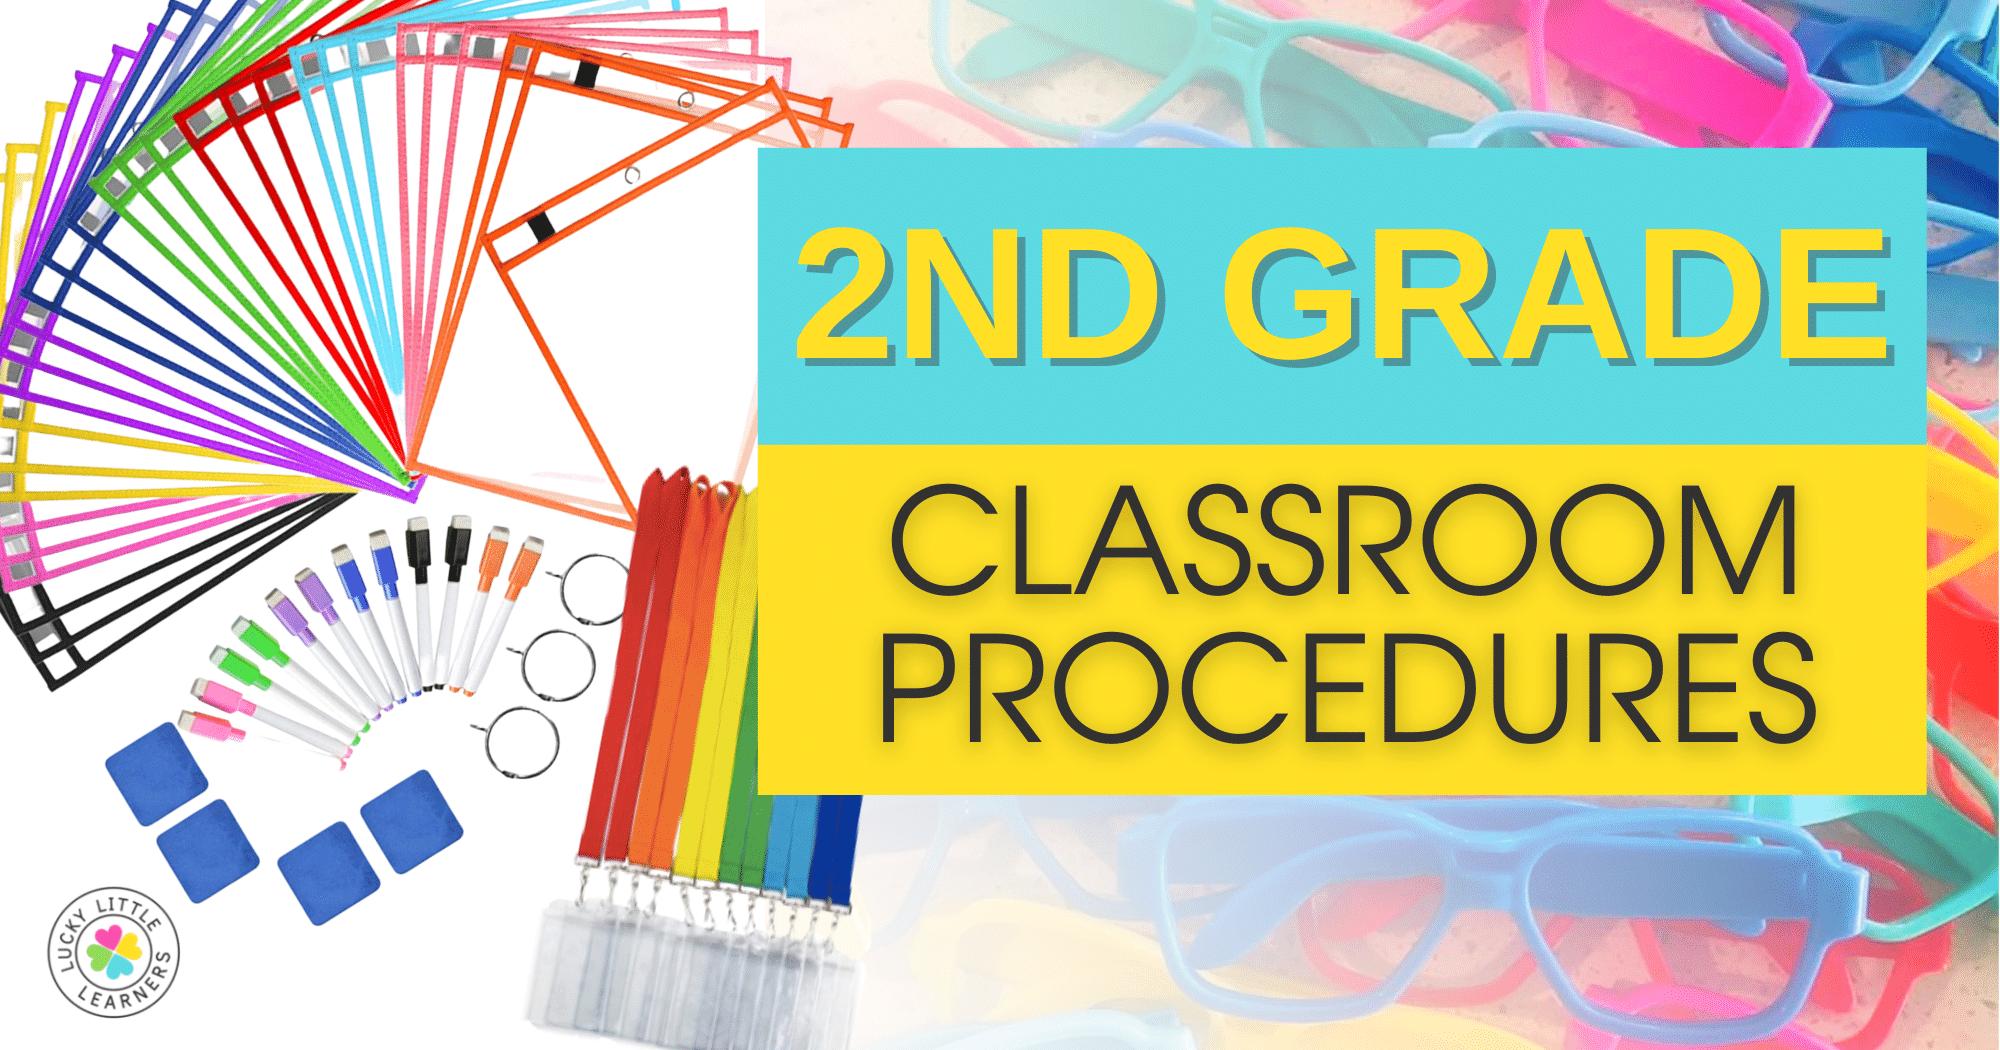 2nd Grade Classroom Procedures (Part 1)